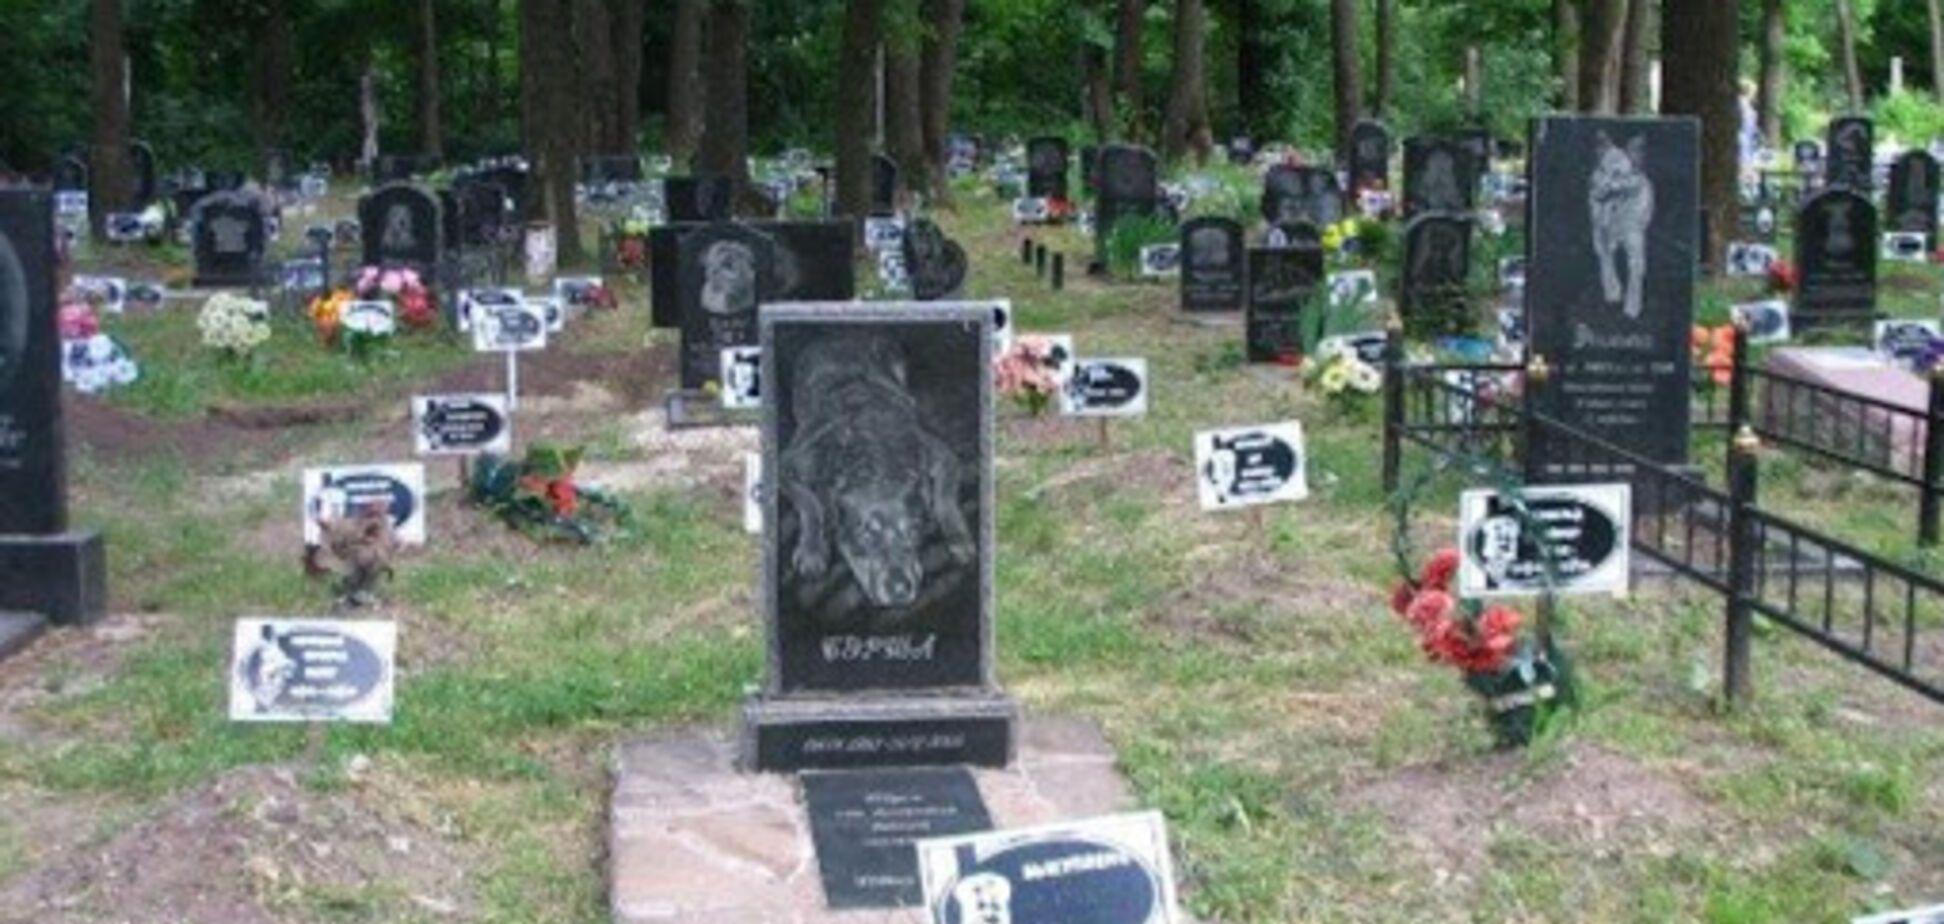 В Днепре возле могилы животного нашли мертвую женщину. Фото 18+